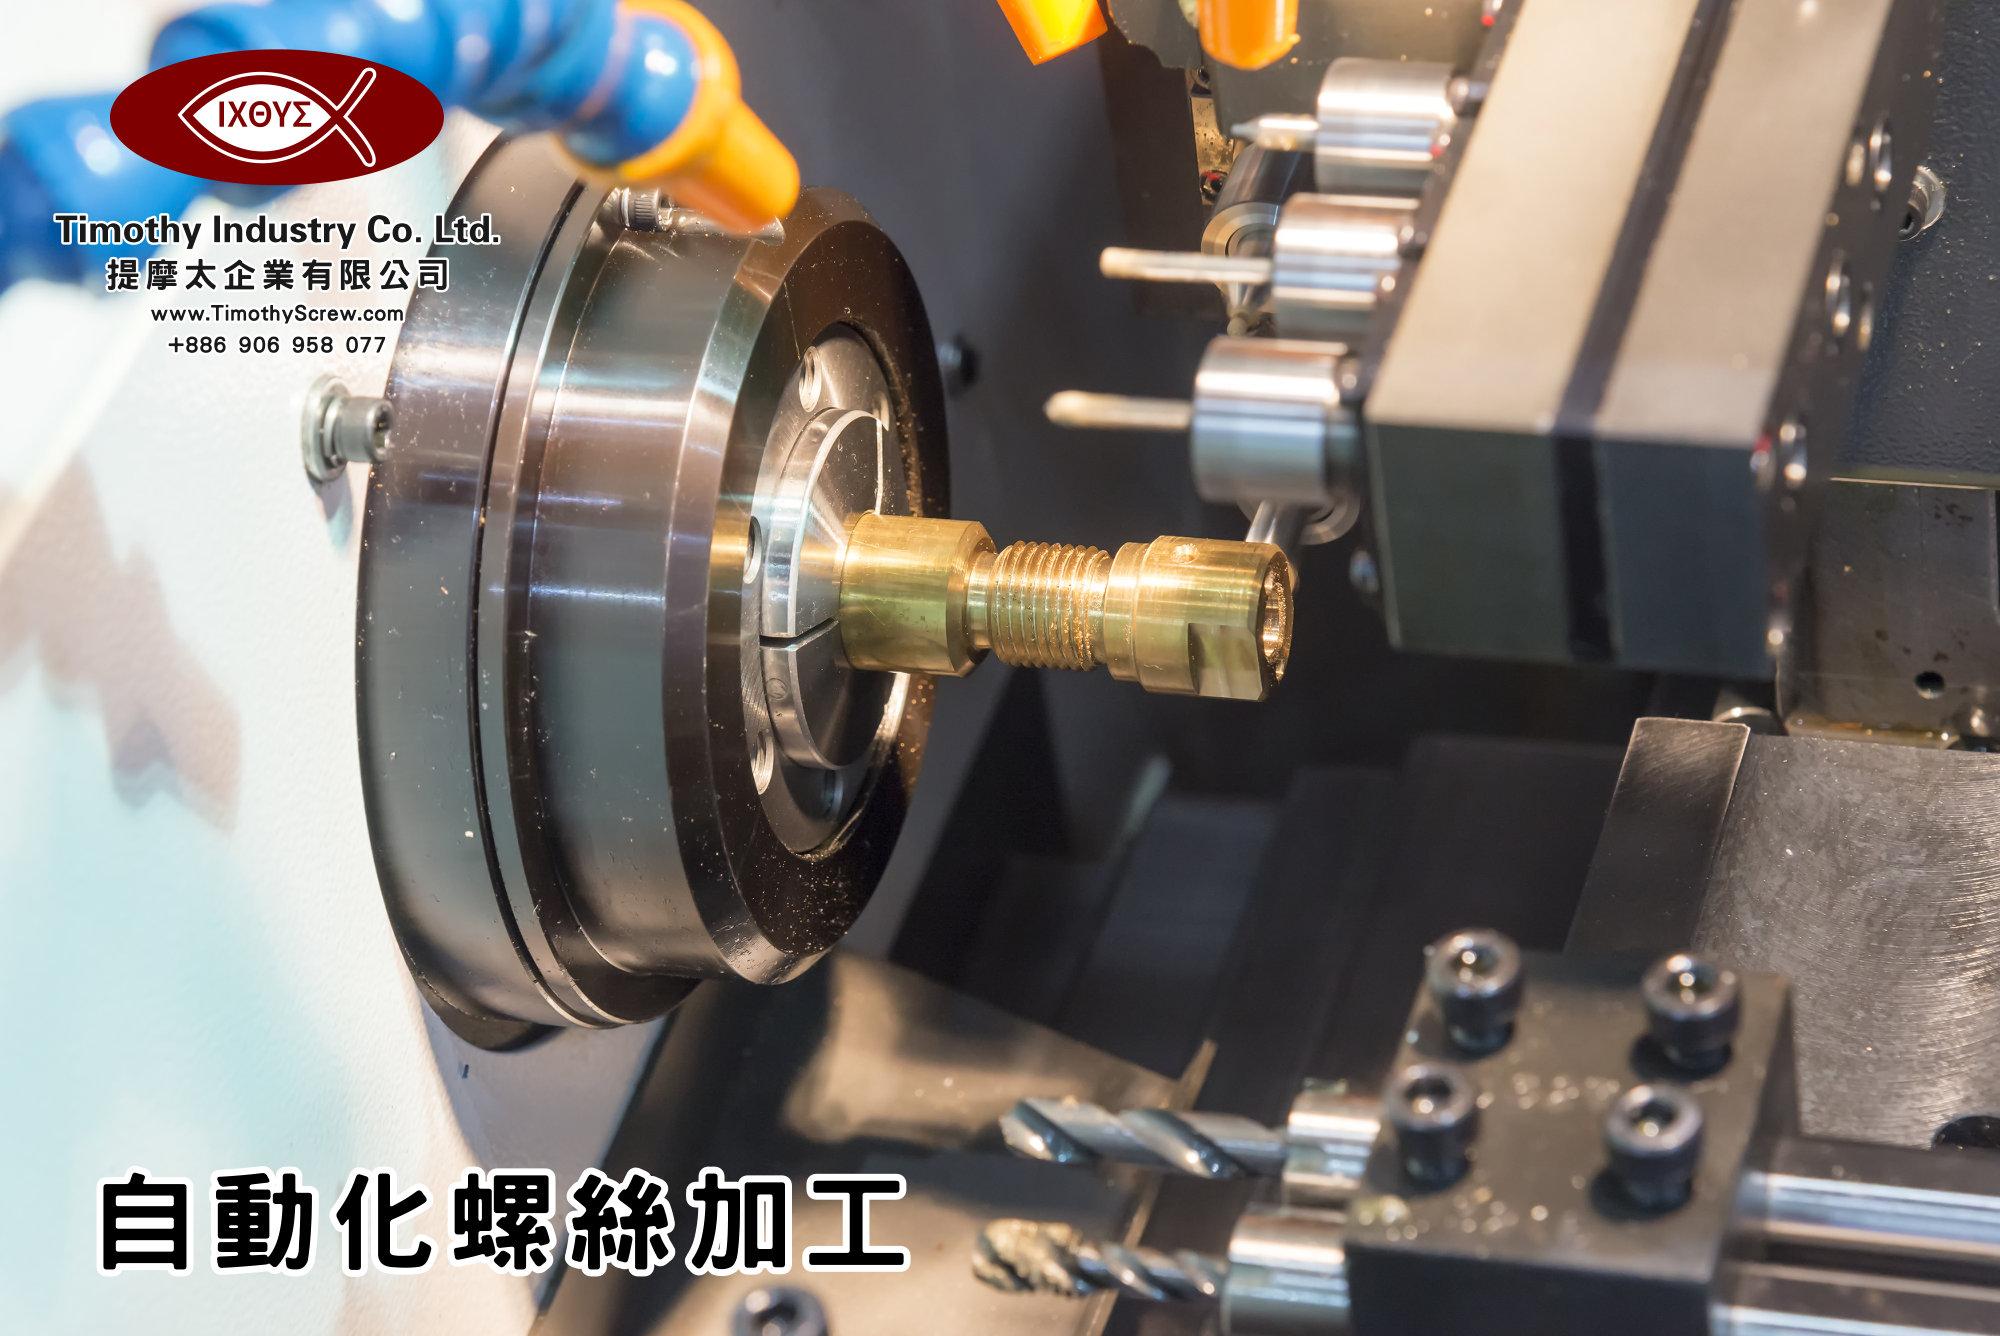 提摩太企業有限公司 Timothy Industry Co Ltd 自動化螺絲加工 車床部 銑床部 台灣自動化螺絲加工 螺絲製造 A12